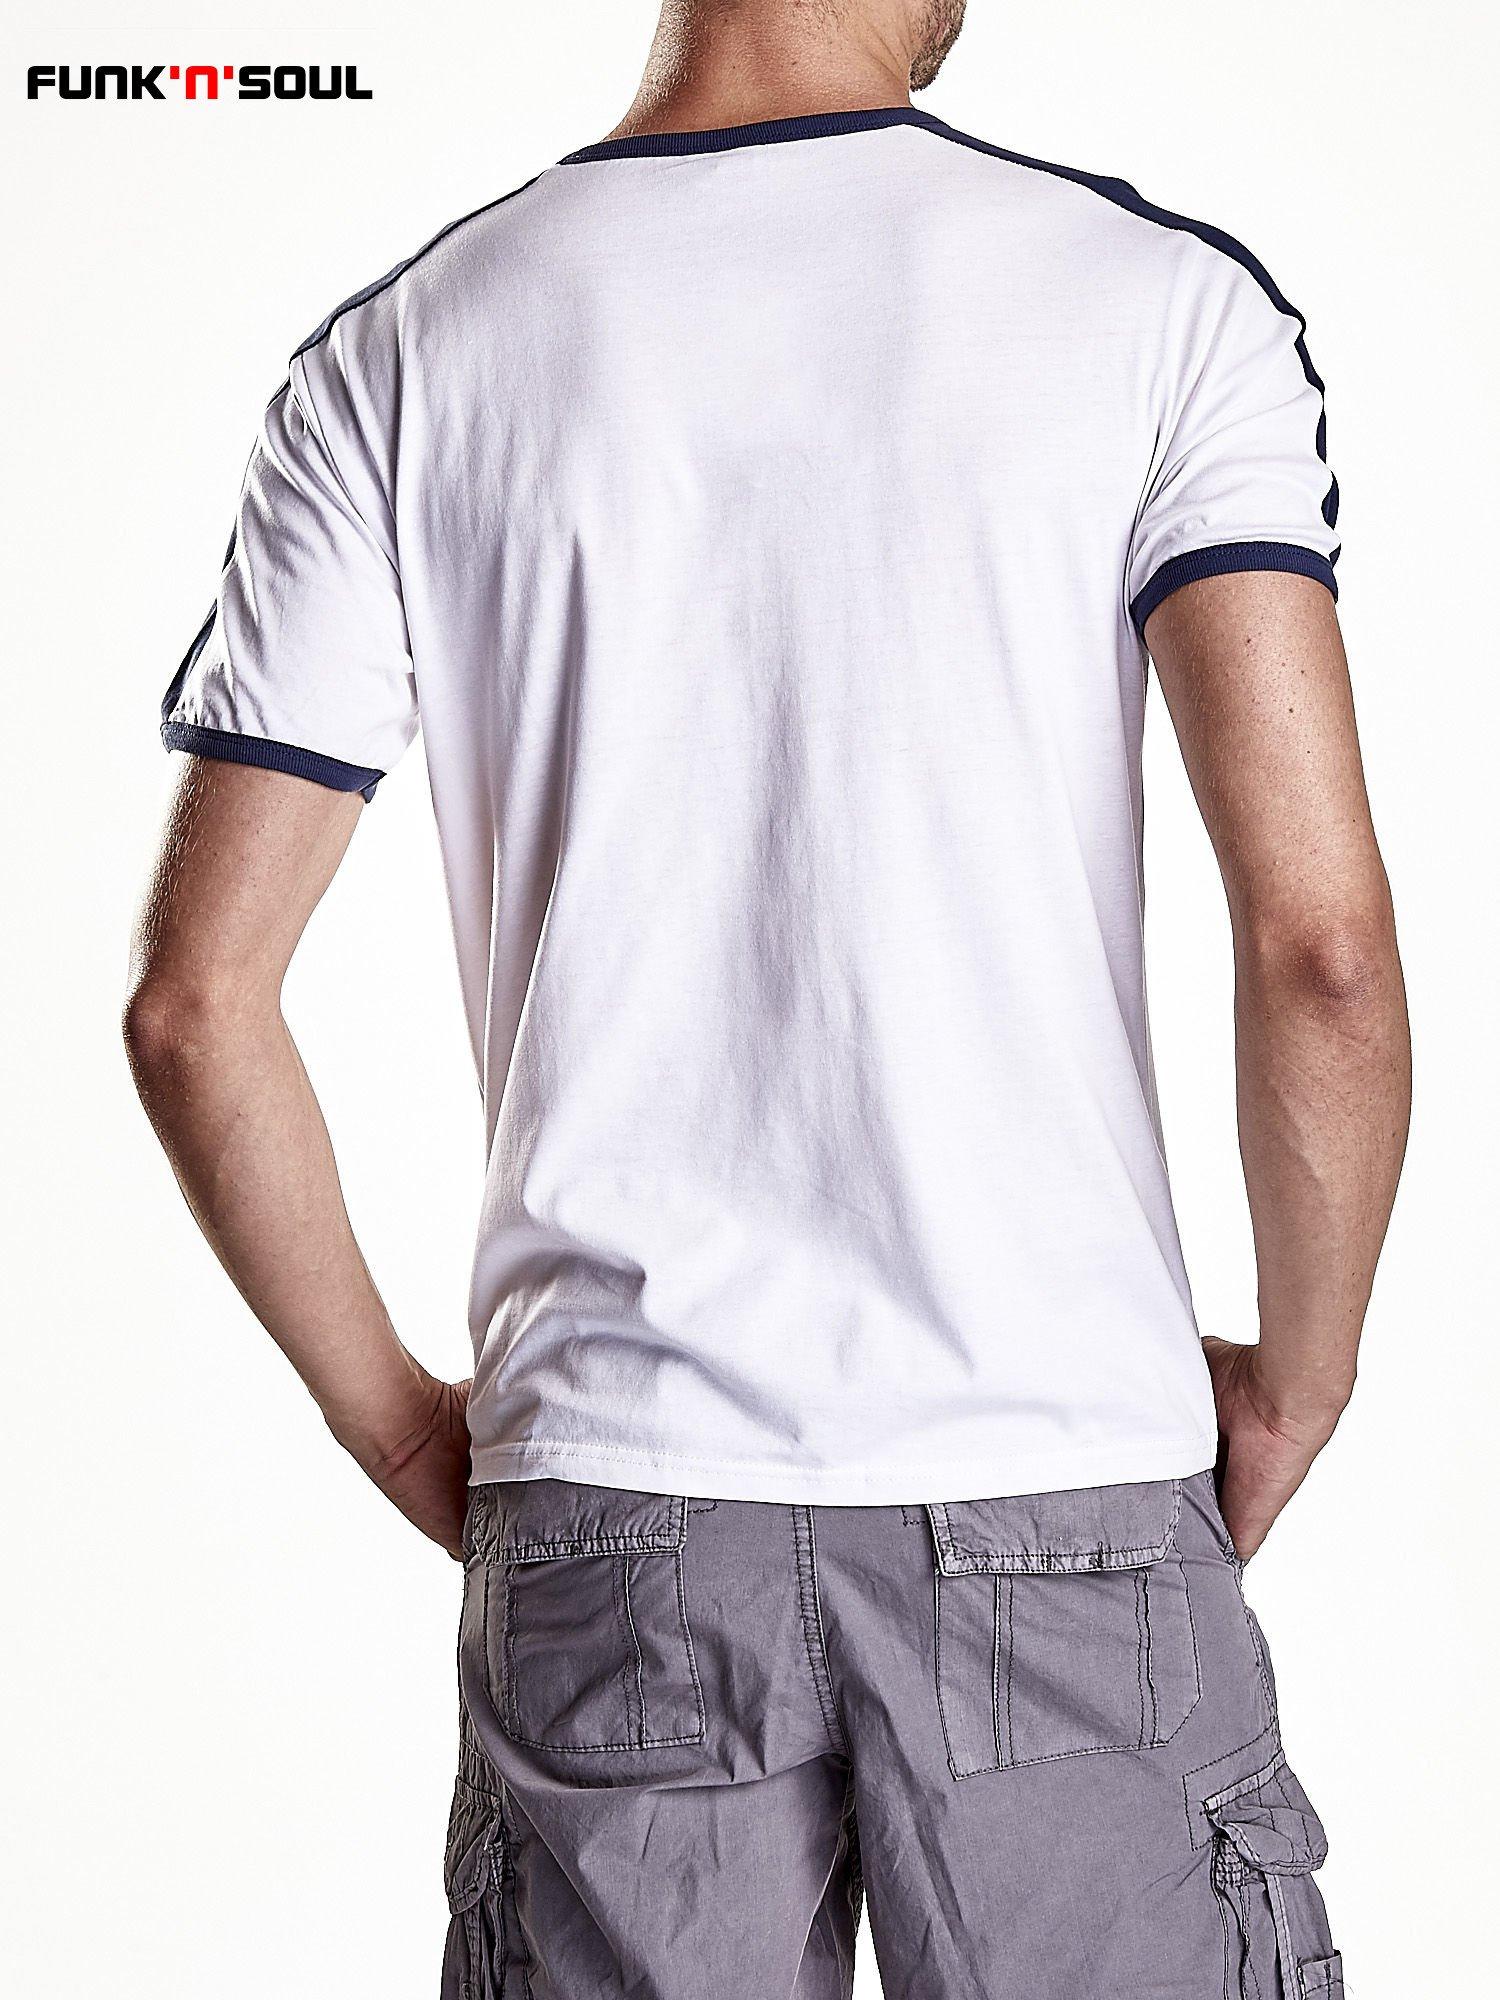 Biały t-shirt męski z napisem ENGLAND Funk n Soul                                  zdj.                                  2